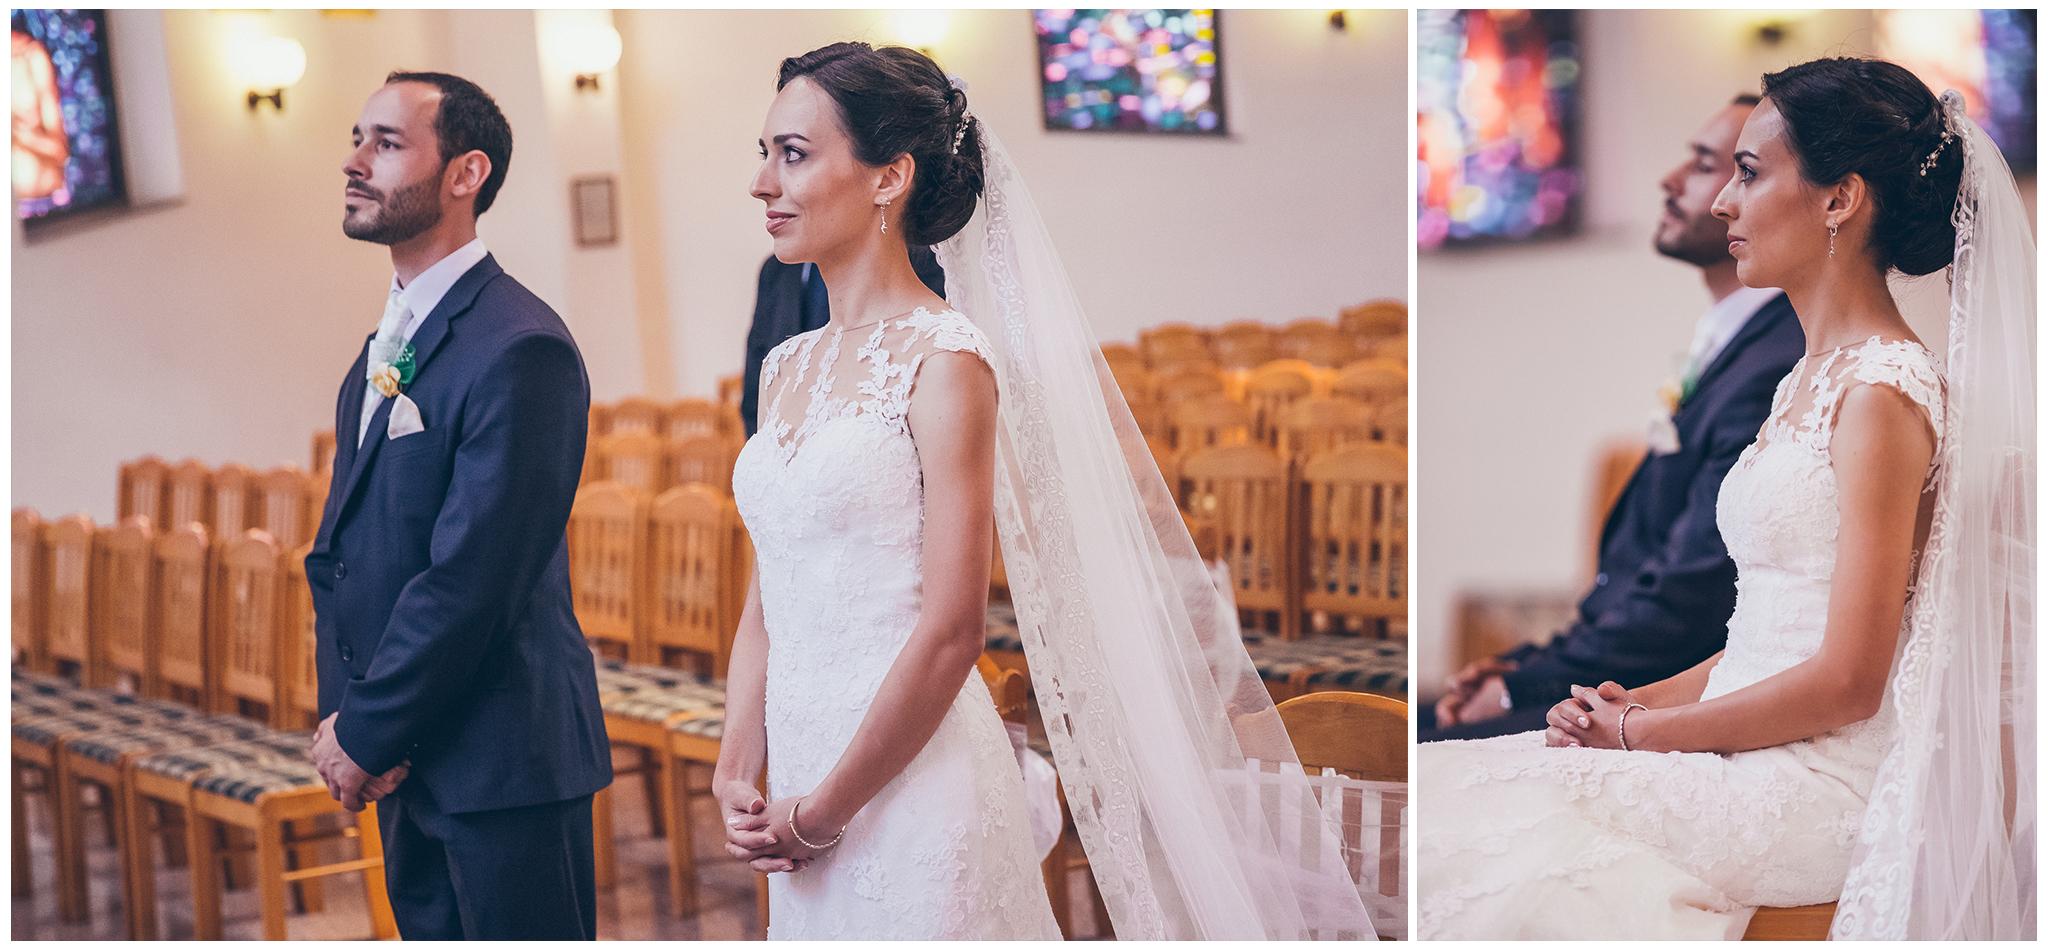 FylepPhoto, esküvőfotós, esküvői fotós Körmend, Szombathely, esküvőfotózás, magyarország, vas megye, prémium, jegyesfotózás, Fülöp Péter, körmend, kreatív, fotográfus_015.jpg